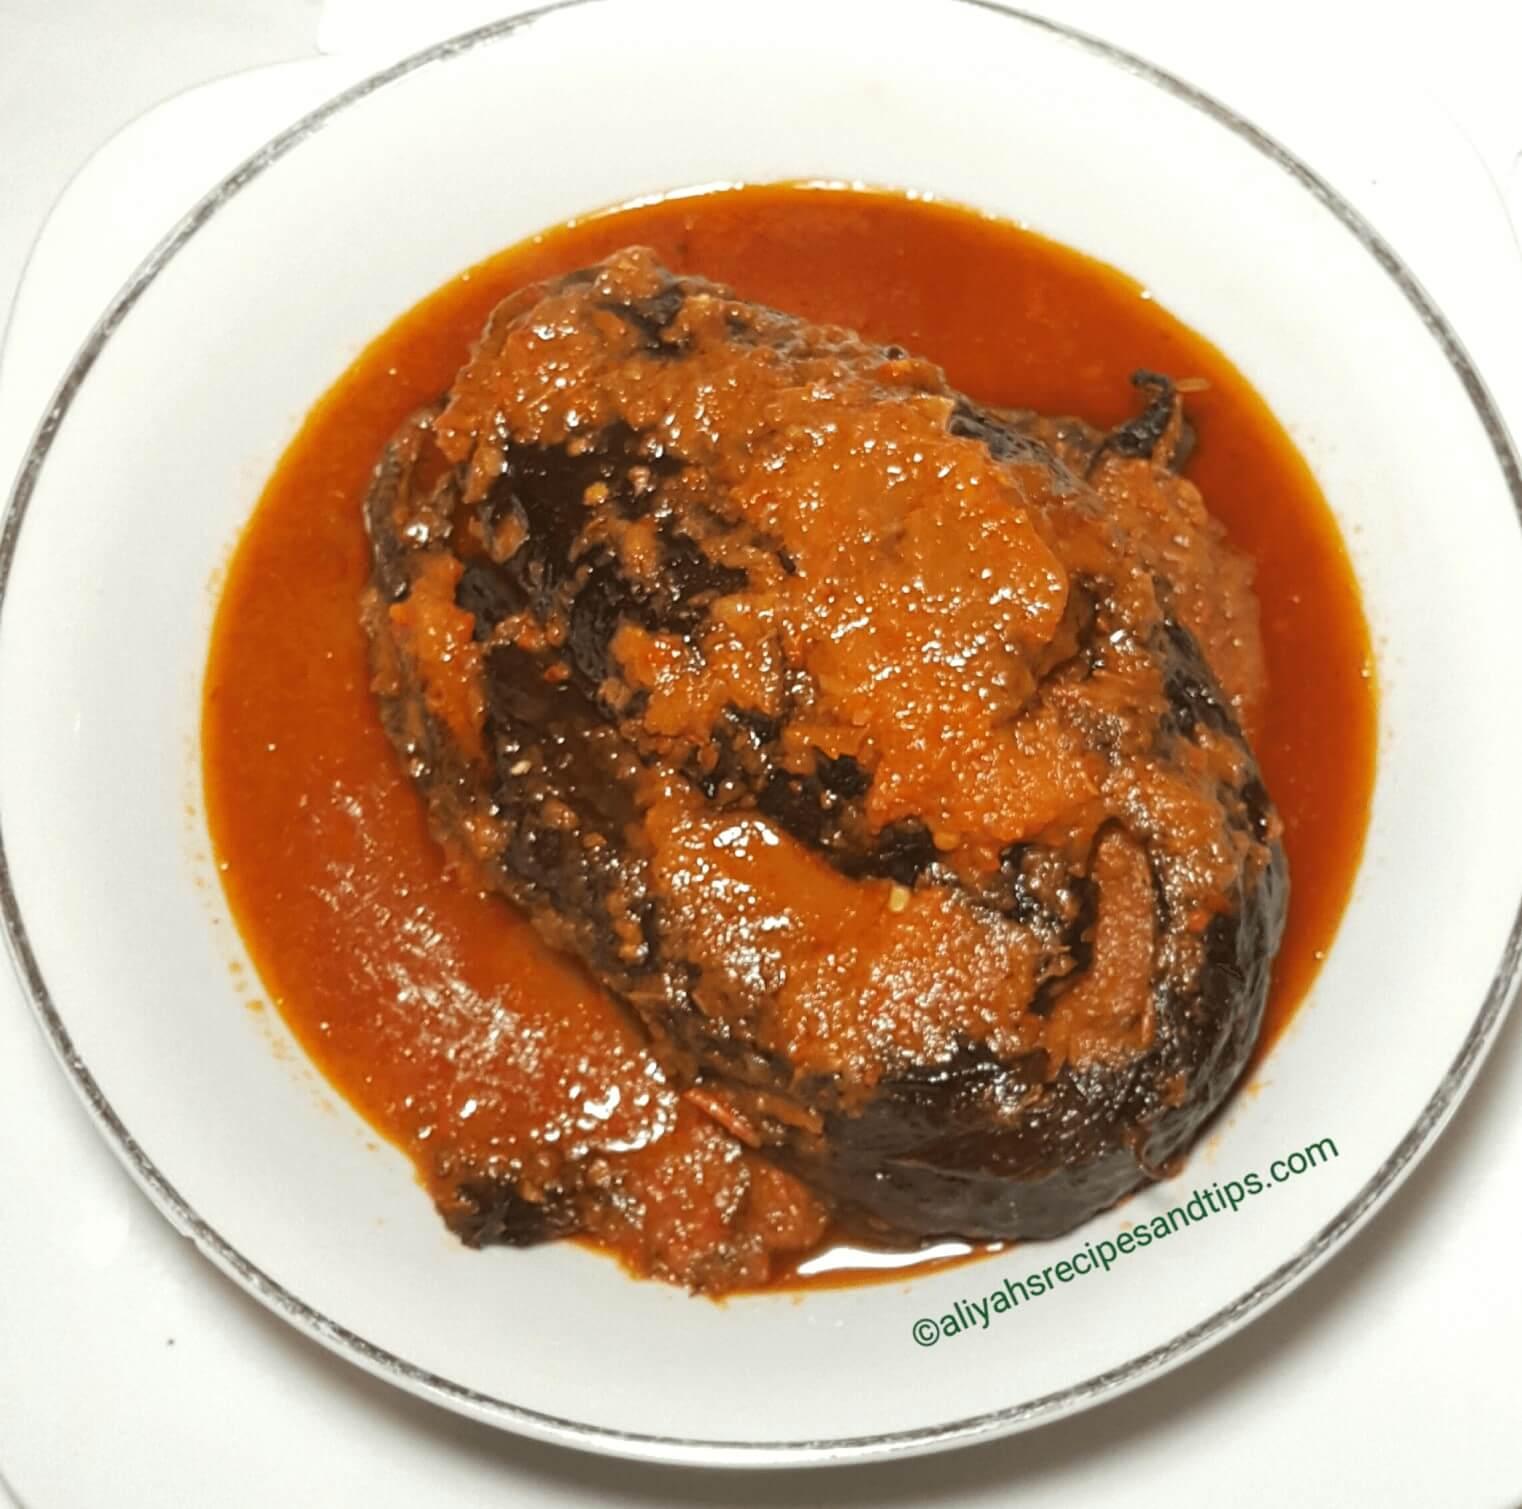 Dried fish, obe ata, Nigerian dried fish soup, Nigerian dried fish stew